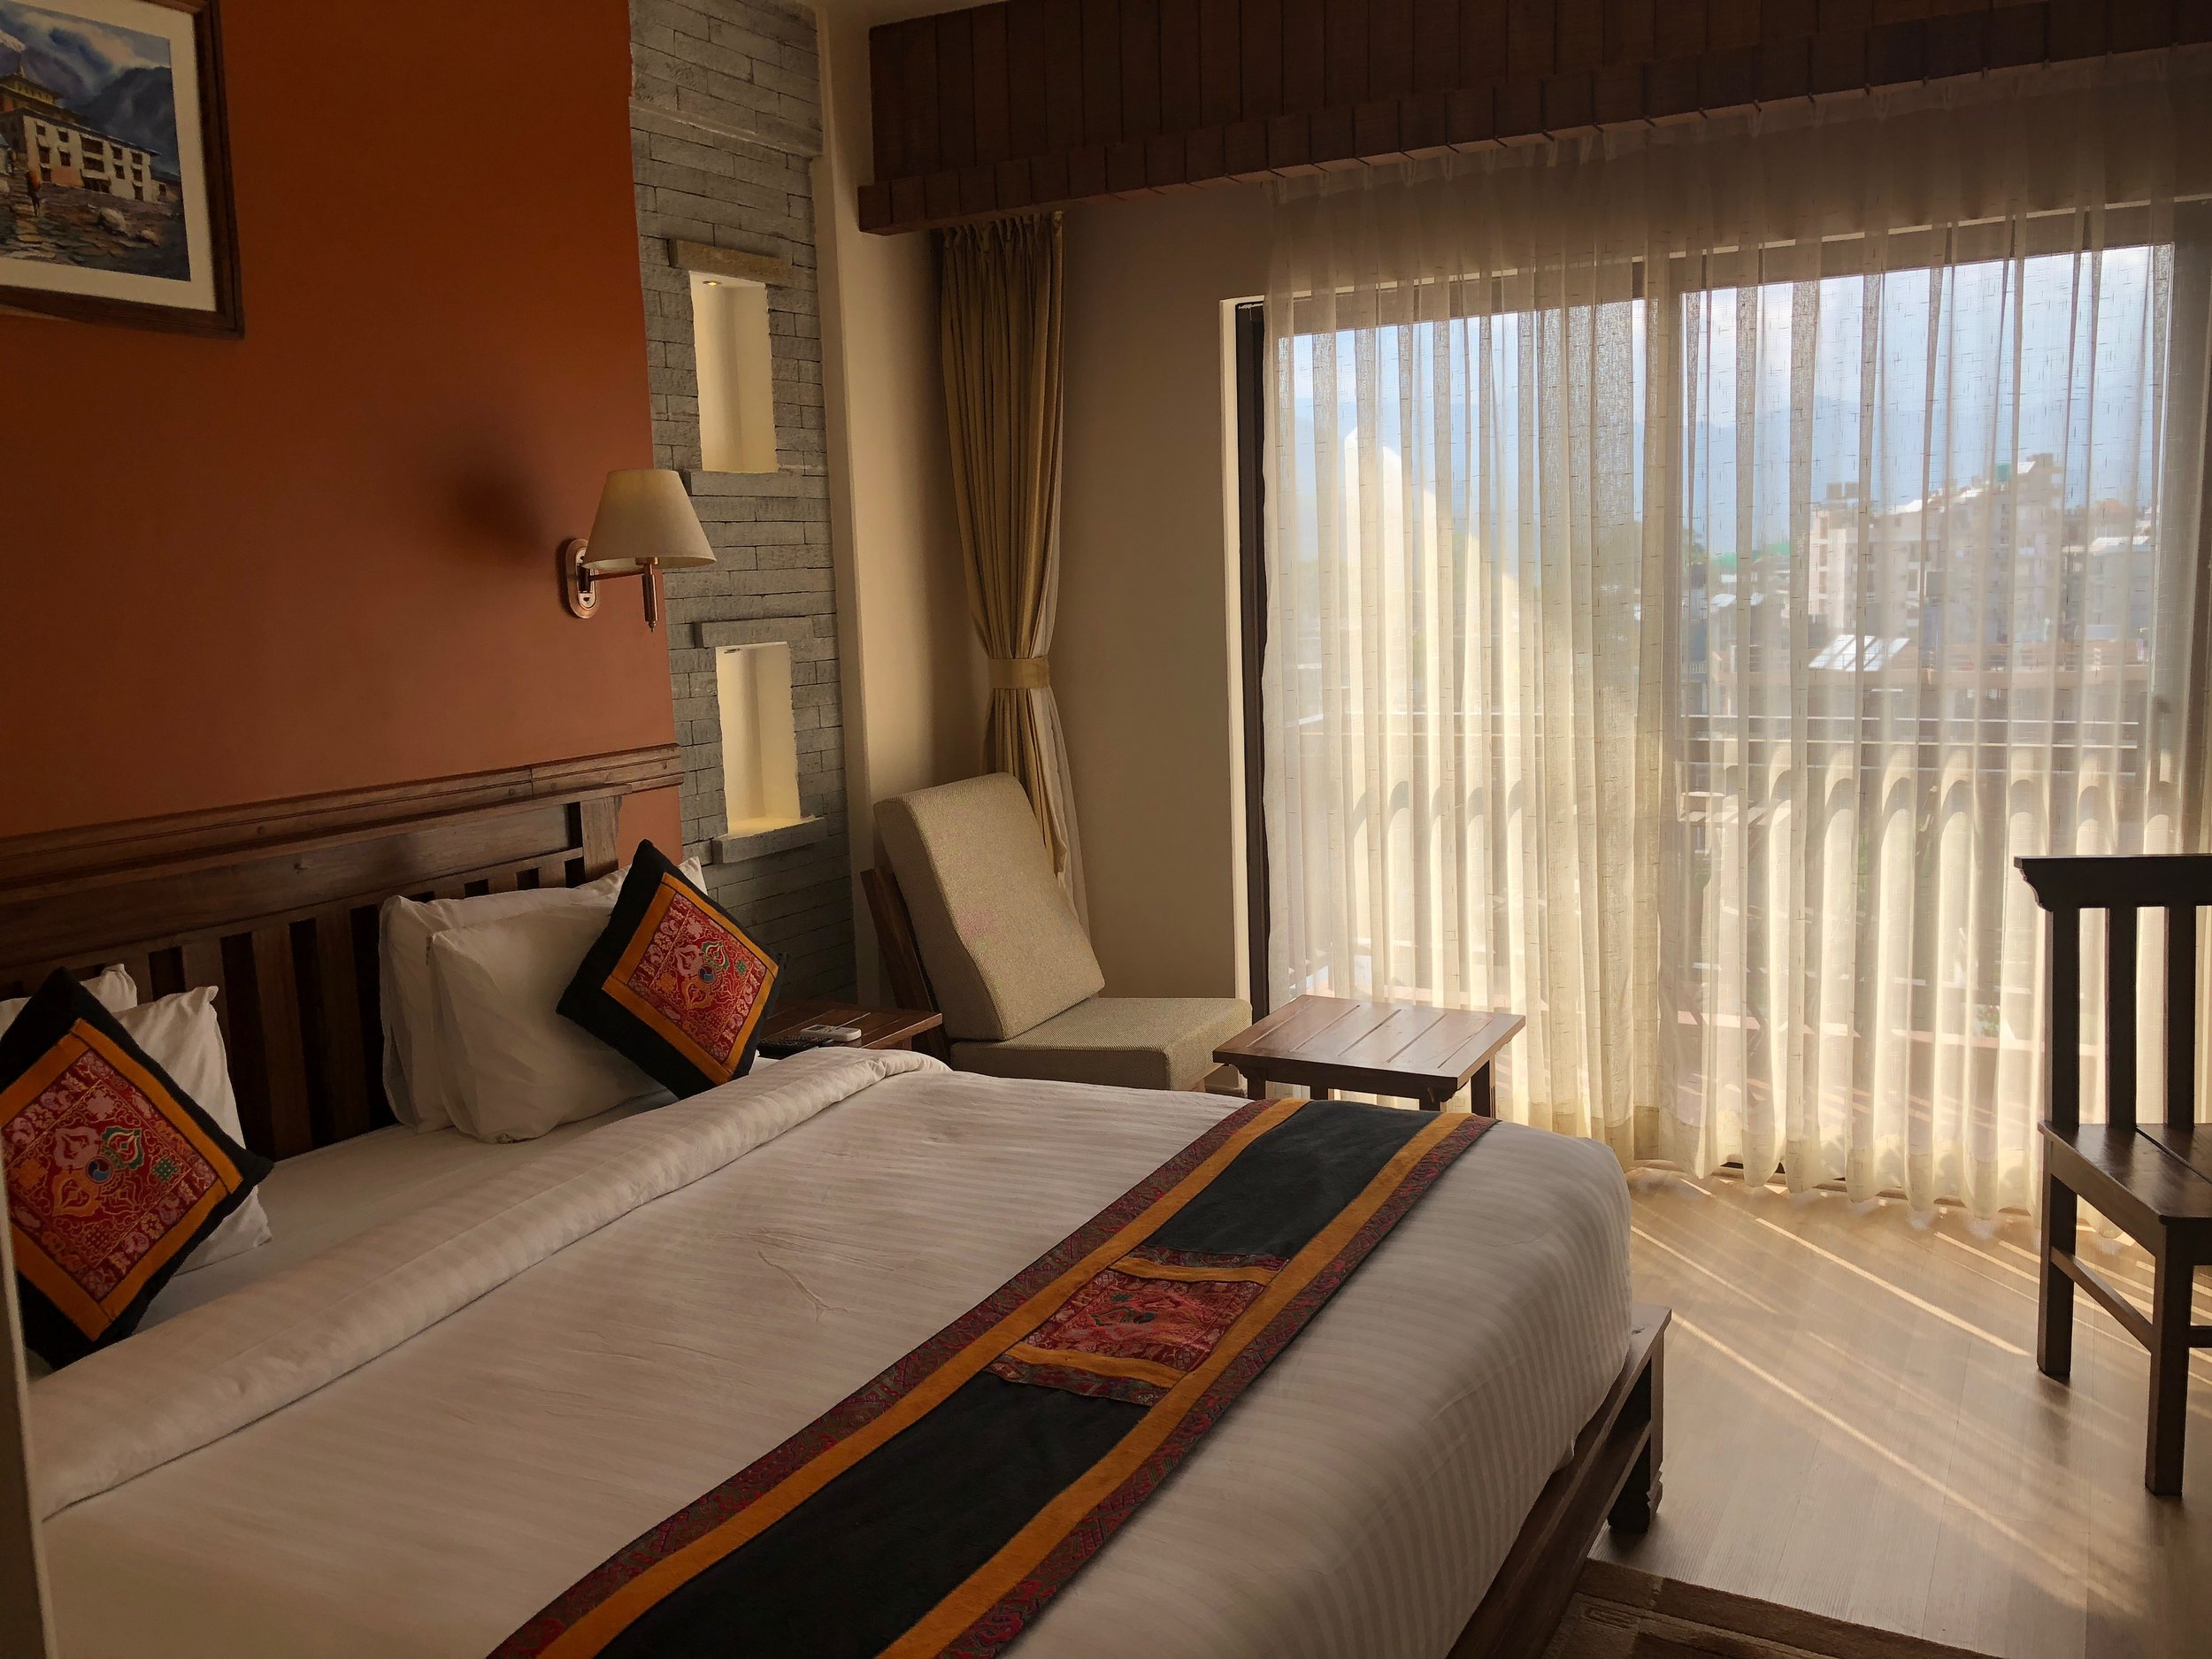 hotel_pokhara.jpg